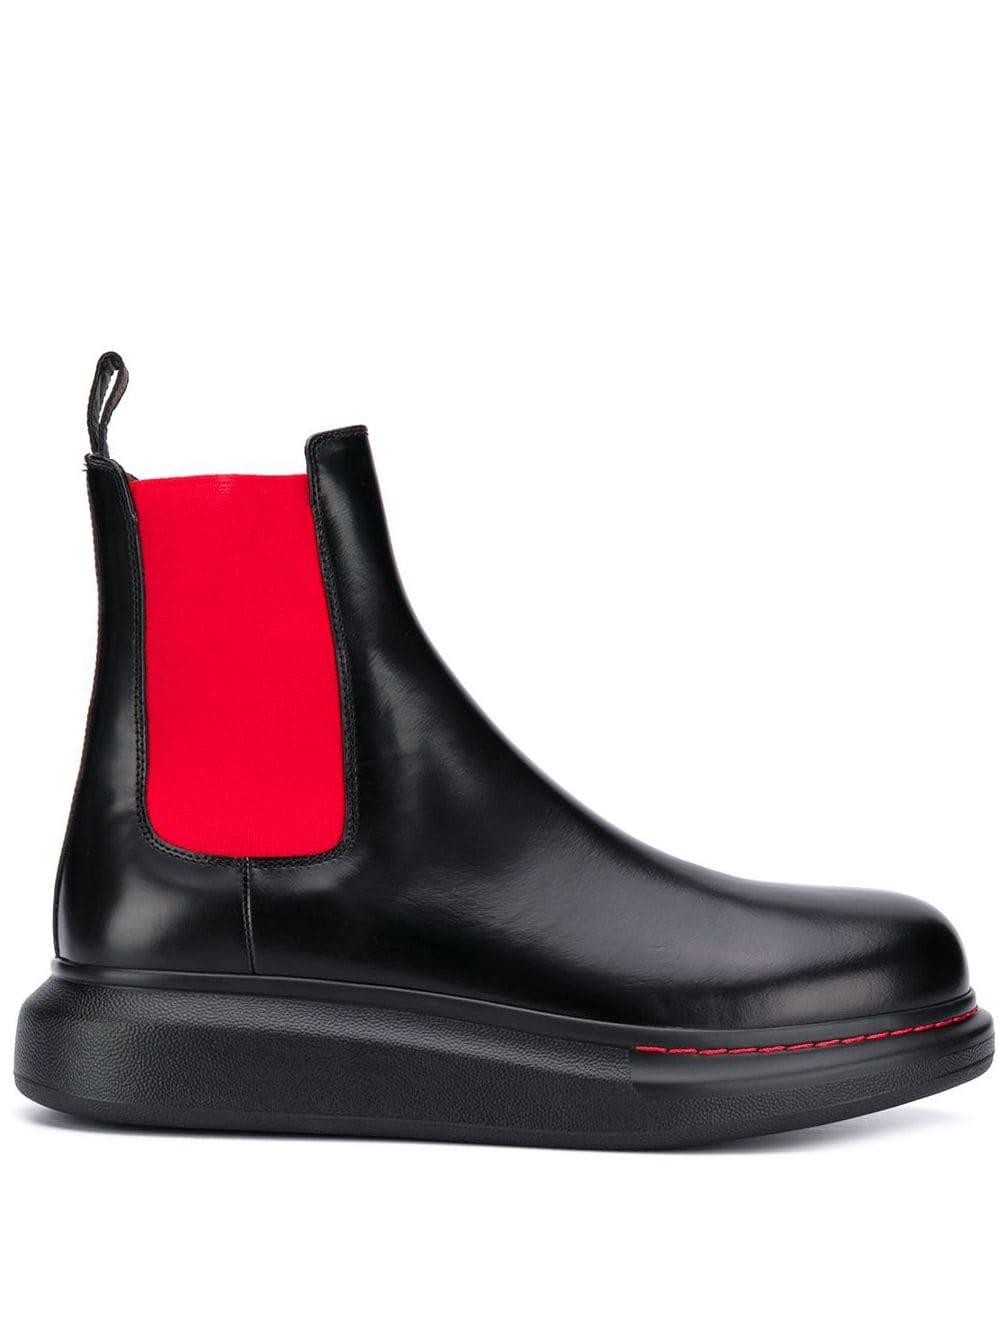 Chelsea Hybrid Sneakers